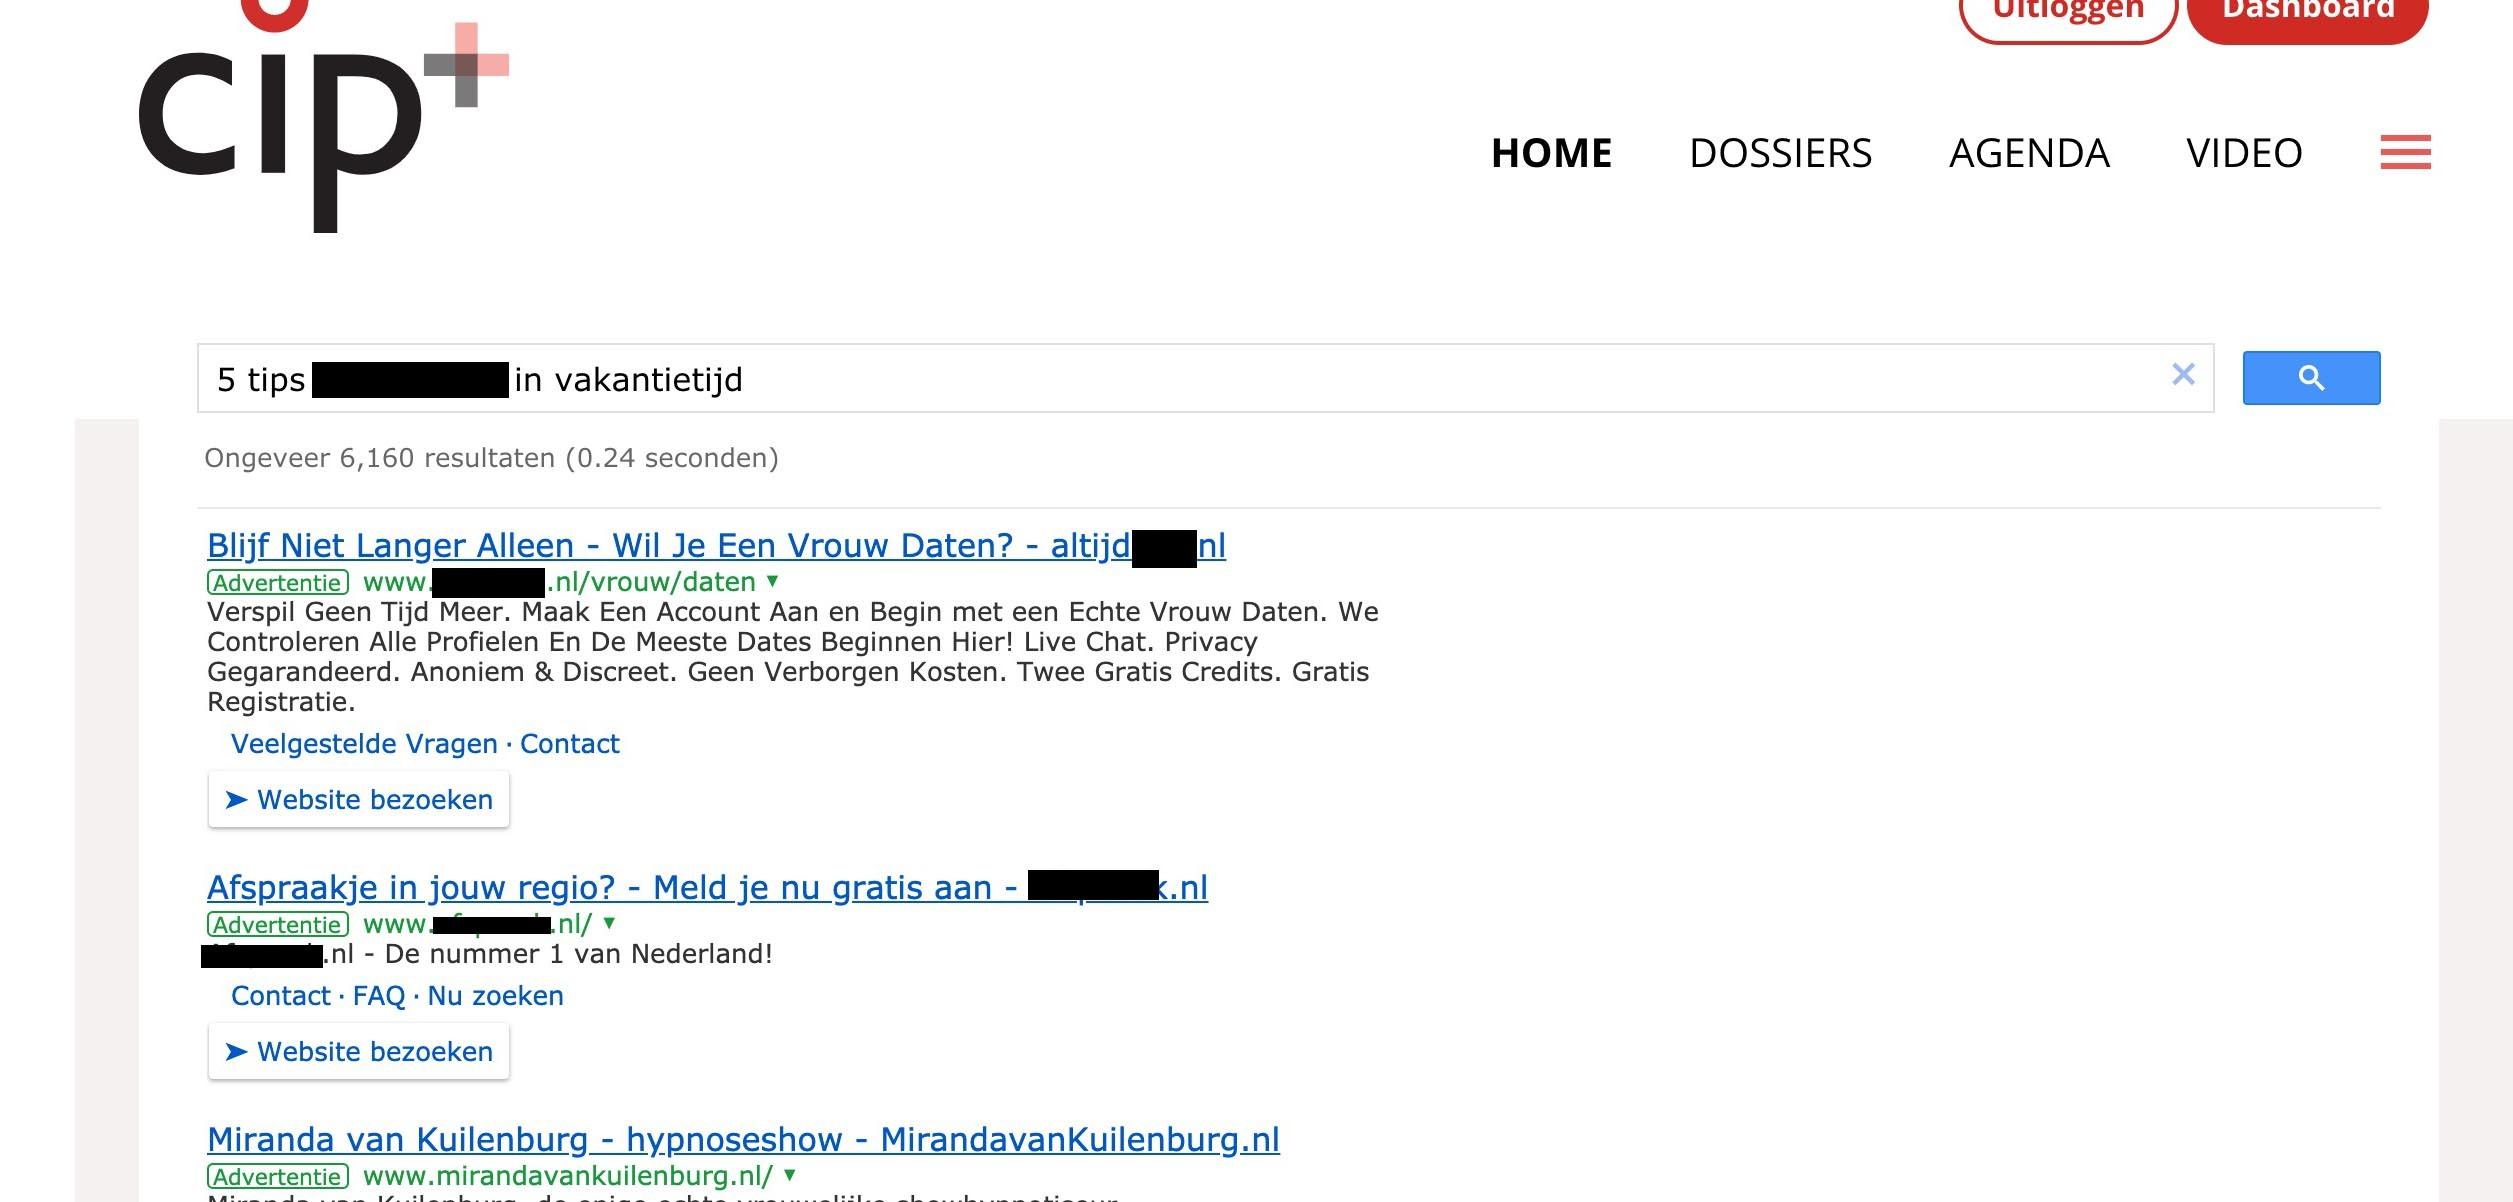 CIP.nl krijgt betaald voor promoten van seksuele zonden